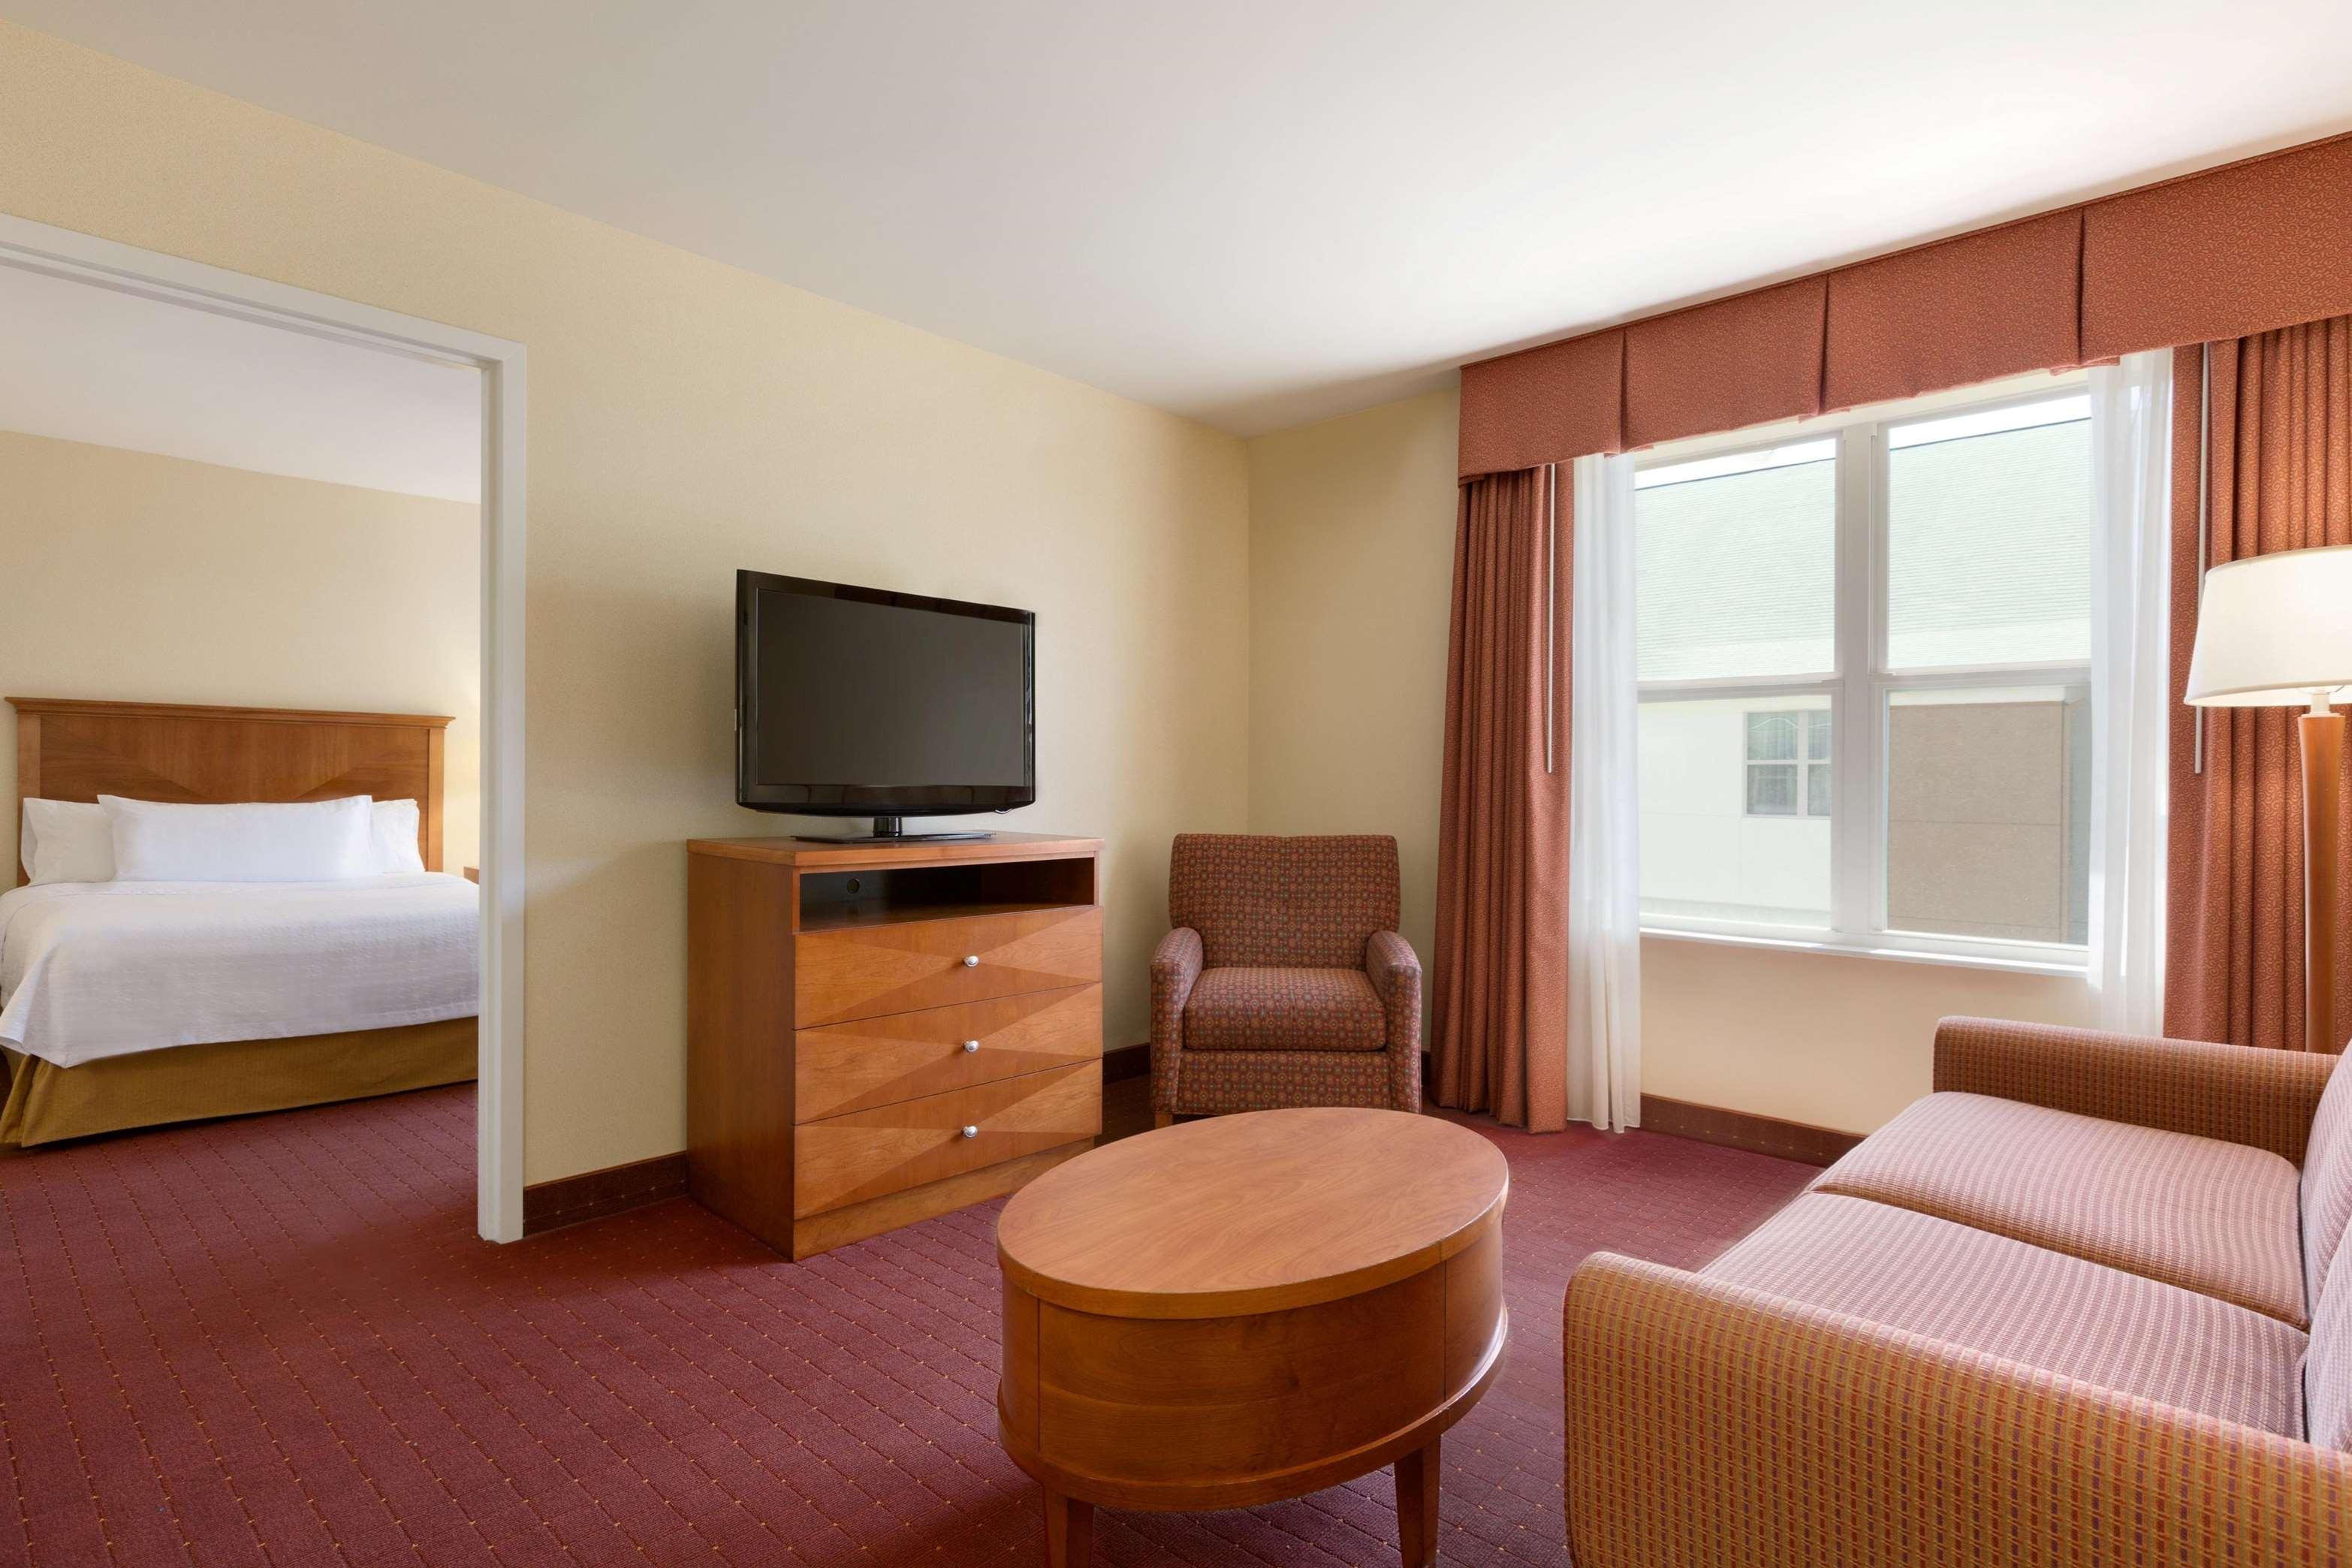 Homewood Suites by Hilton Dulles-North/Loudoun image 26